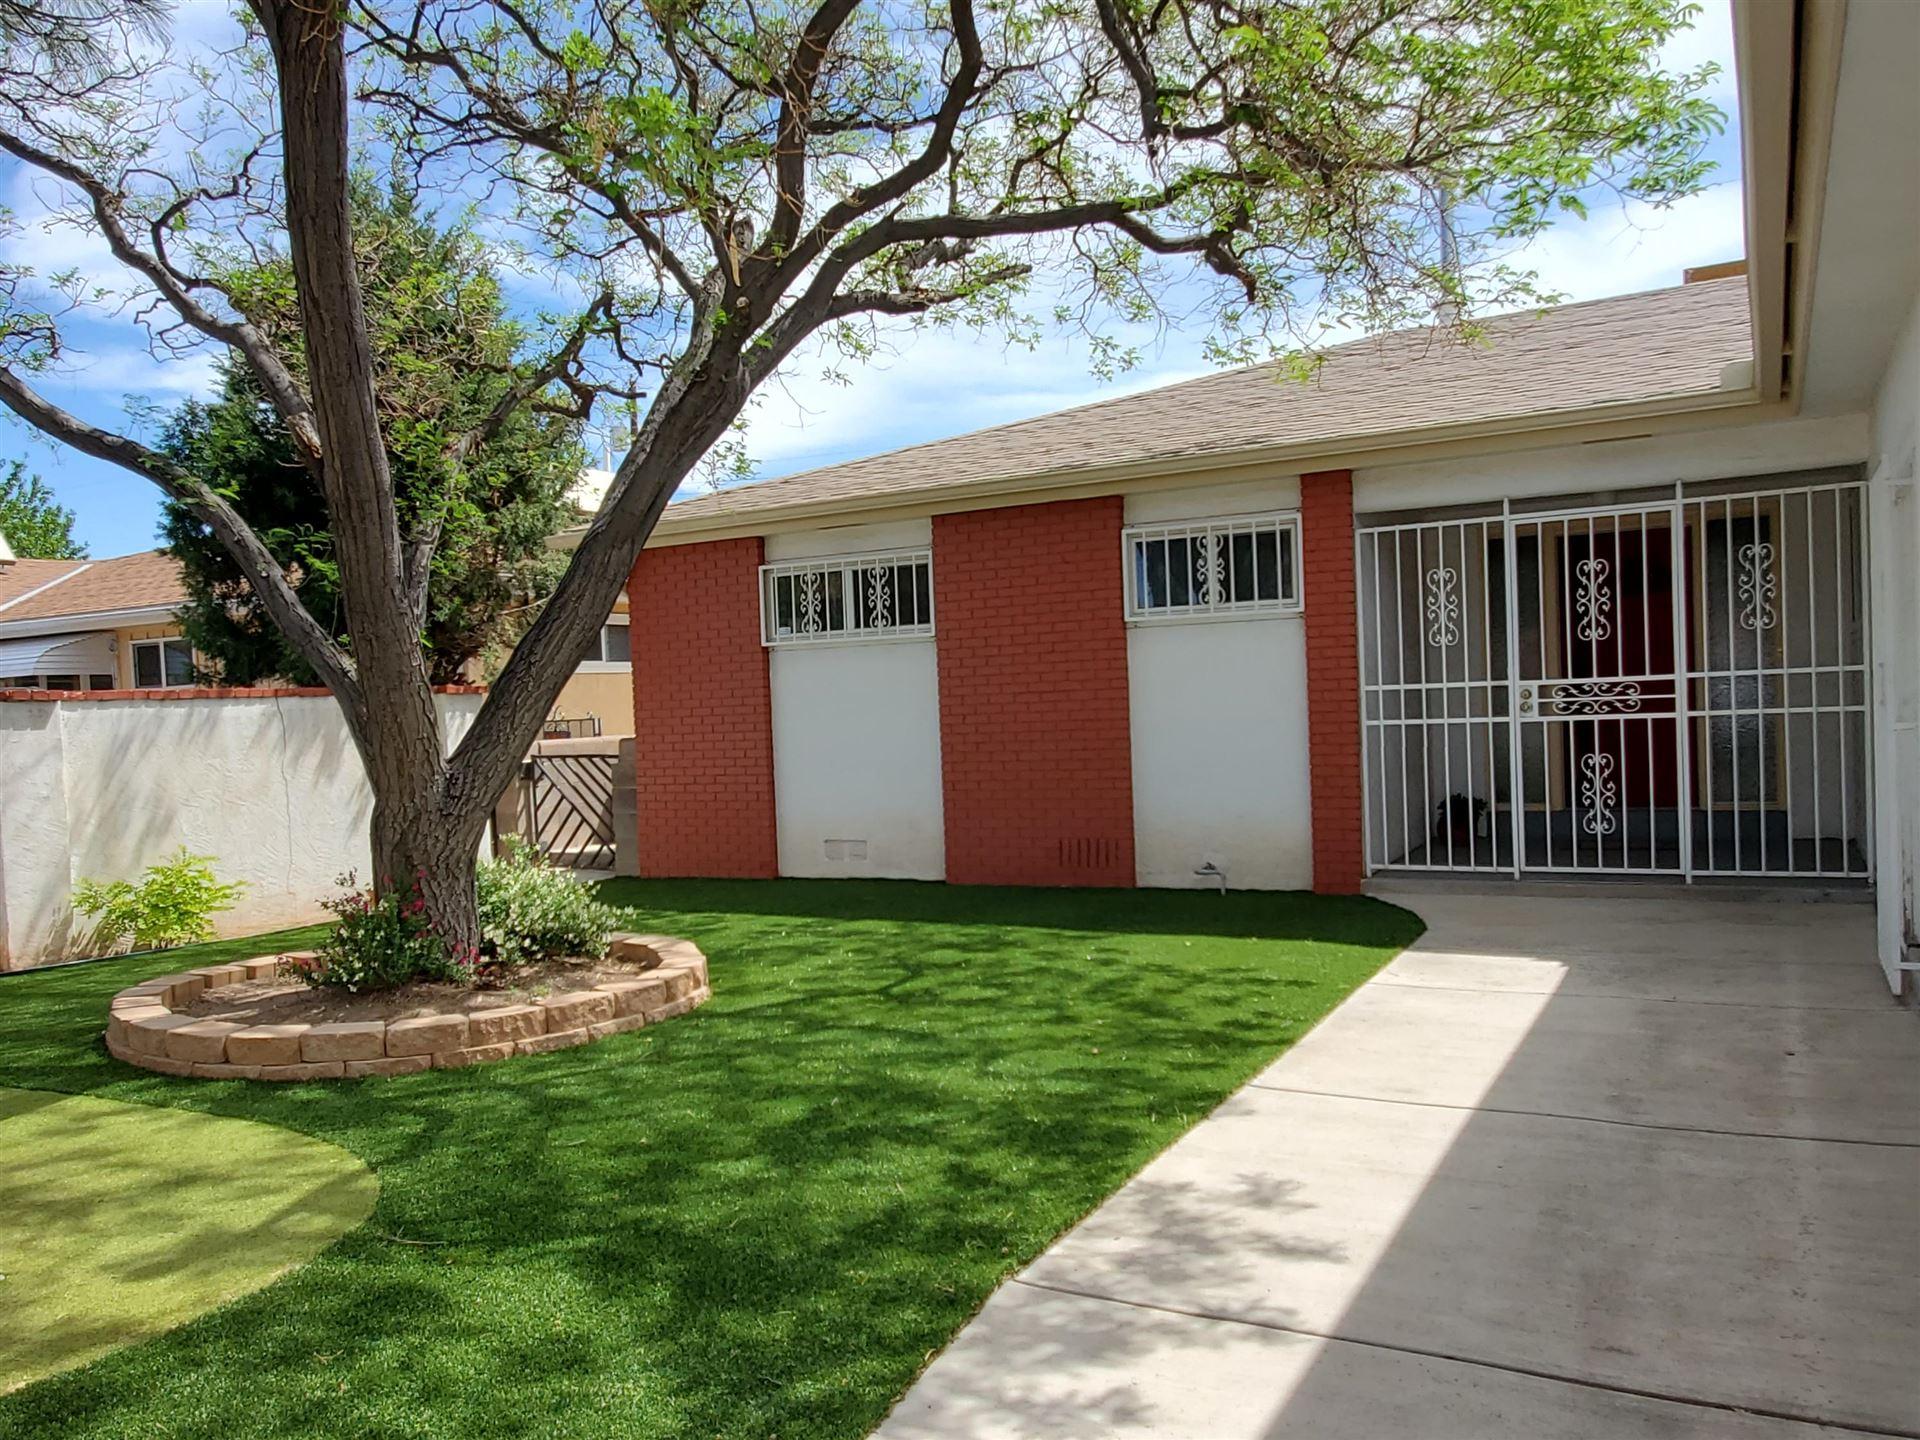 1612 California Street NE, Albuquerque, NM 87110 - MLS#: 986207